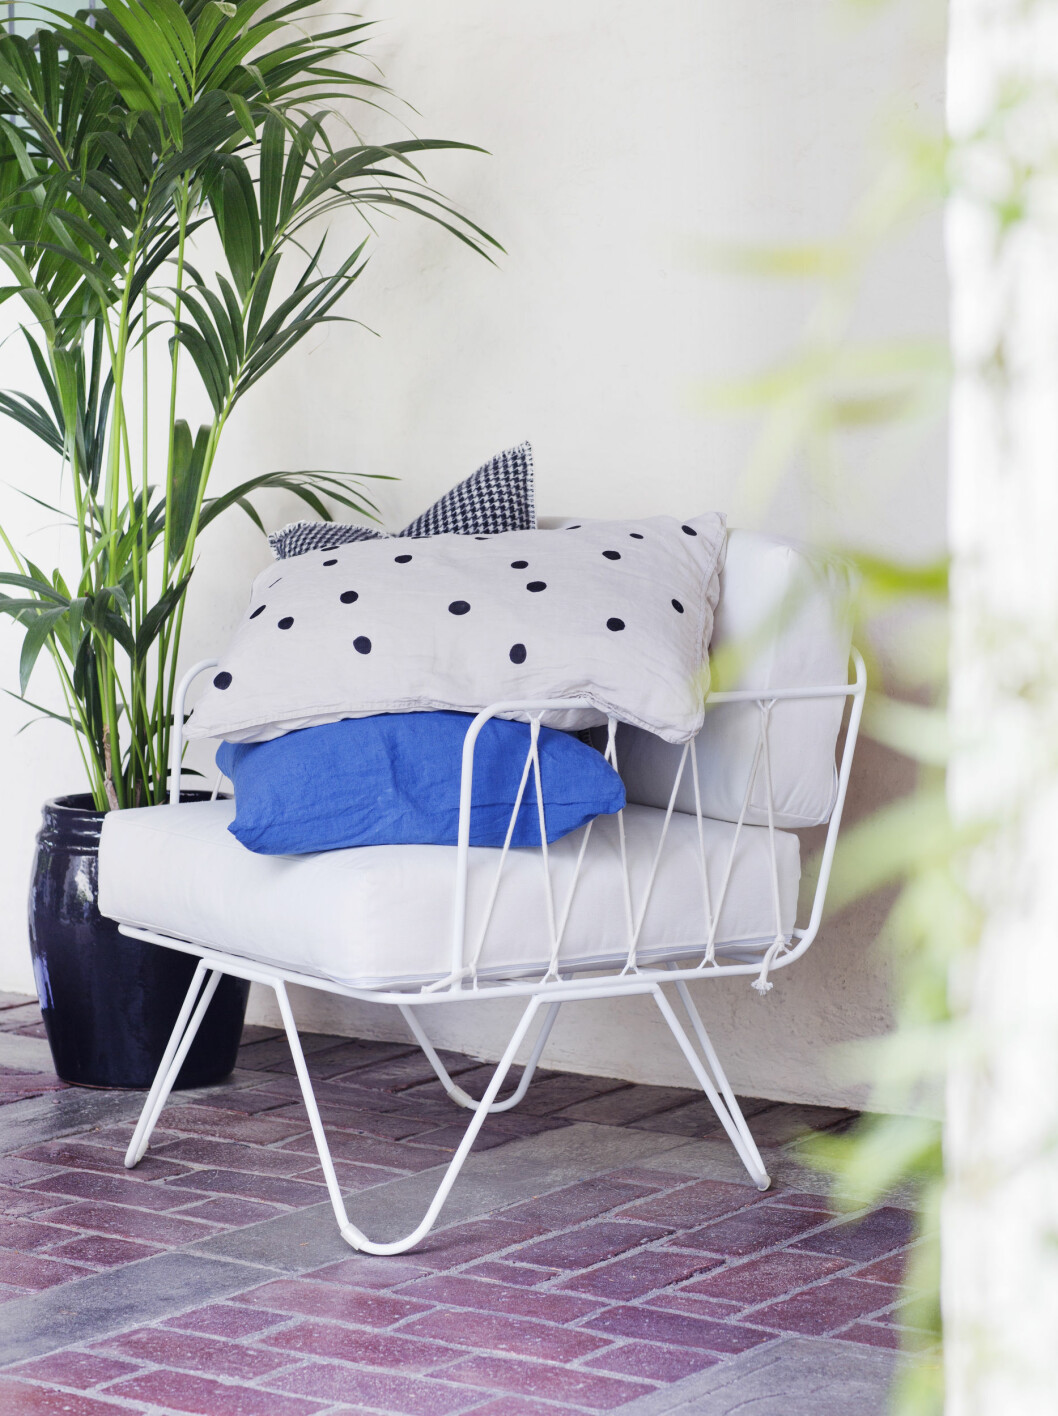 HANDLELISTE: Puten er del av sengesett fra hm.no (kr 499). Hvit stol, Serax fra countrychic.no (kr 4898), blå linpute, (kr 425) og ullpute i hundetannmønster (kr 525), begge fra bolina.no.  Foto: Yvonne Wilhelmsen